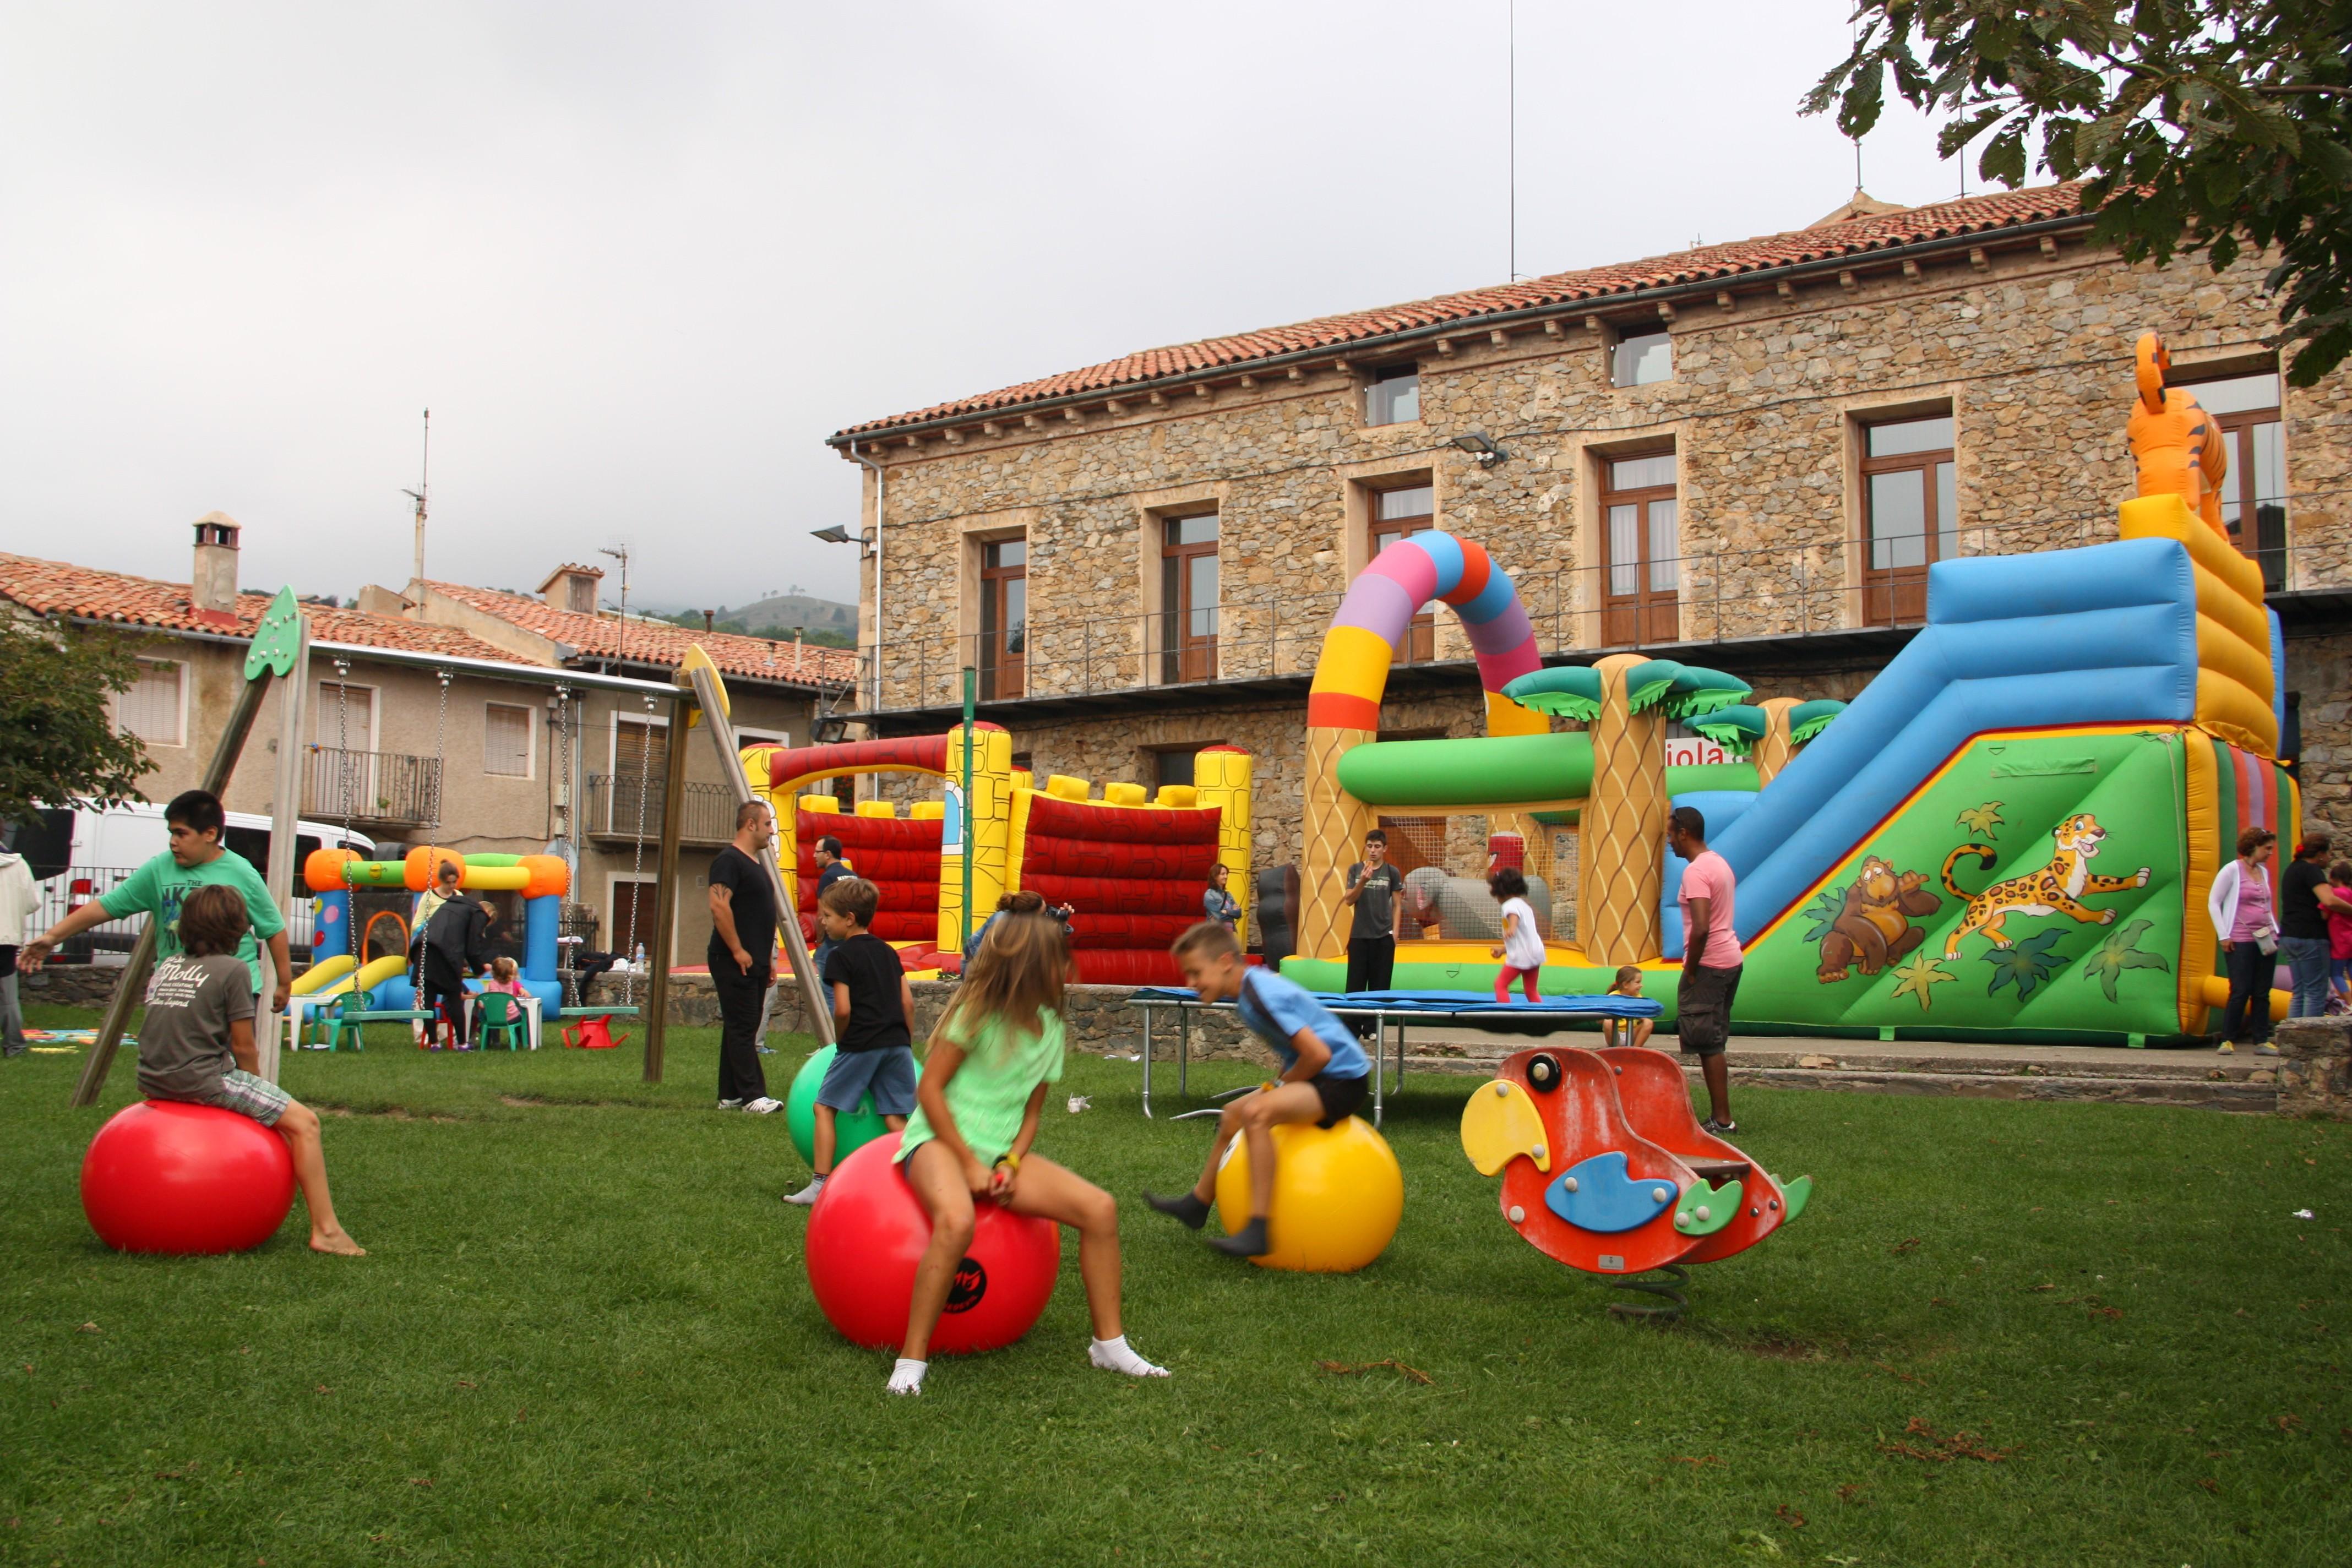 2014_09_13 FESTA DE LA TRUMFA - MOLLO 2014 066.JPG